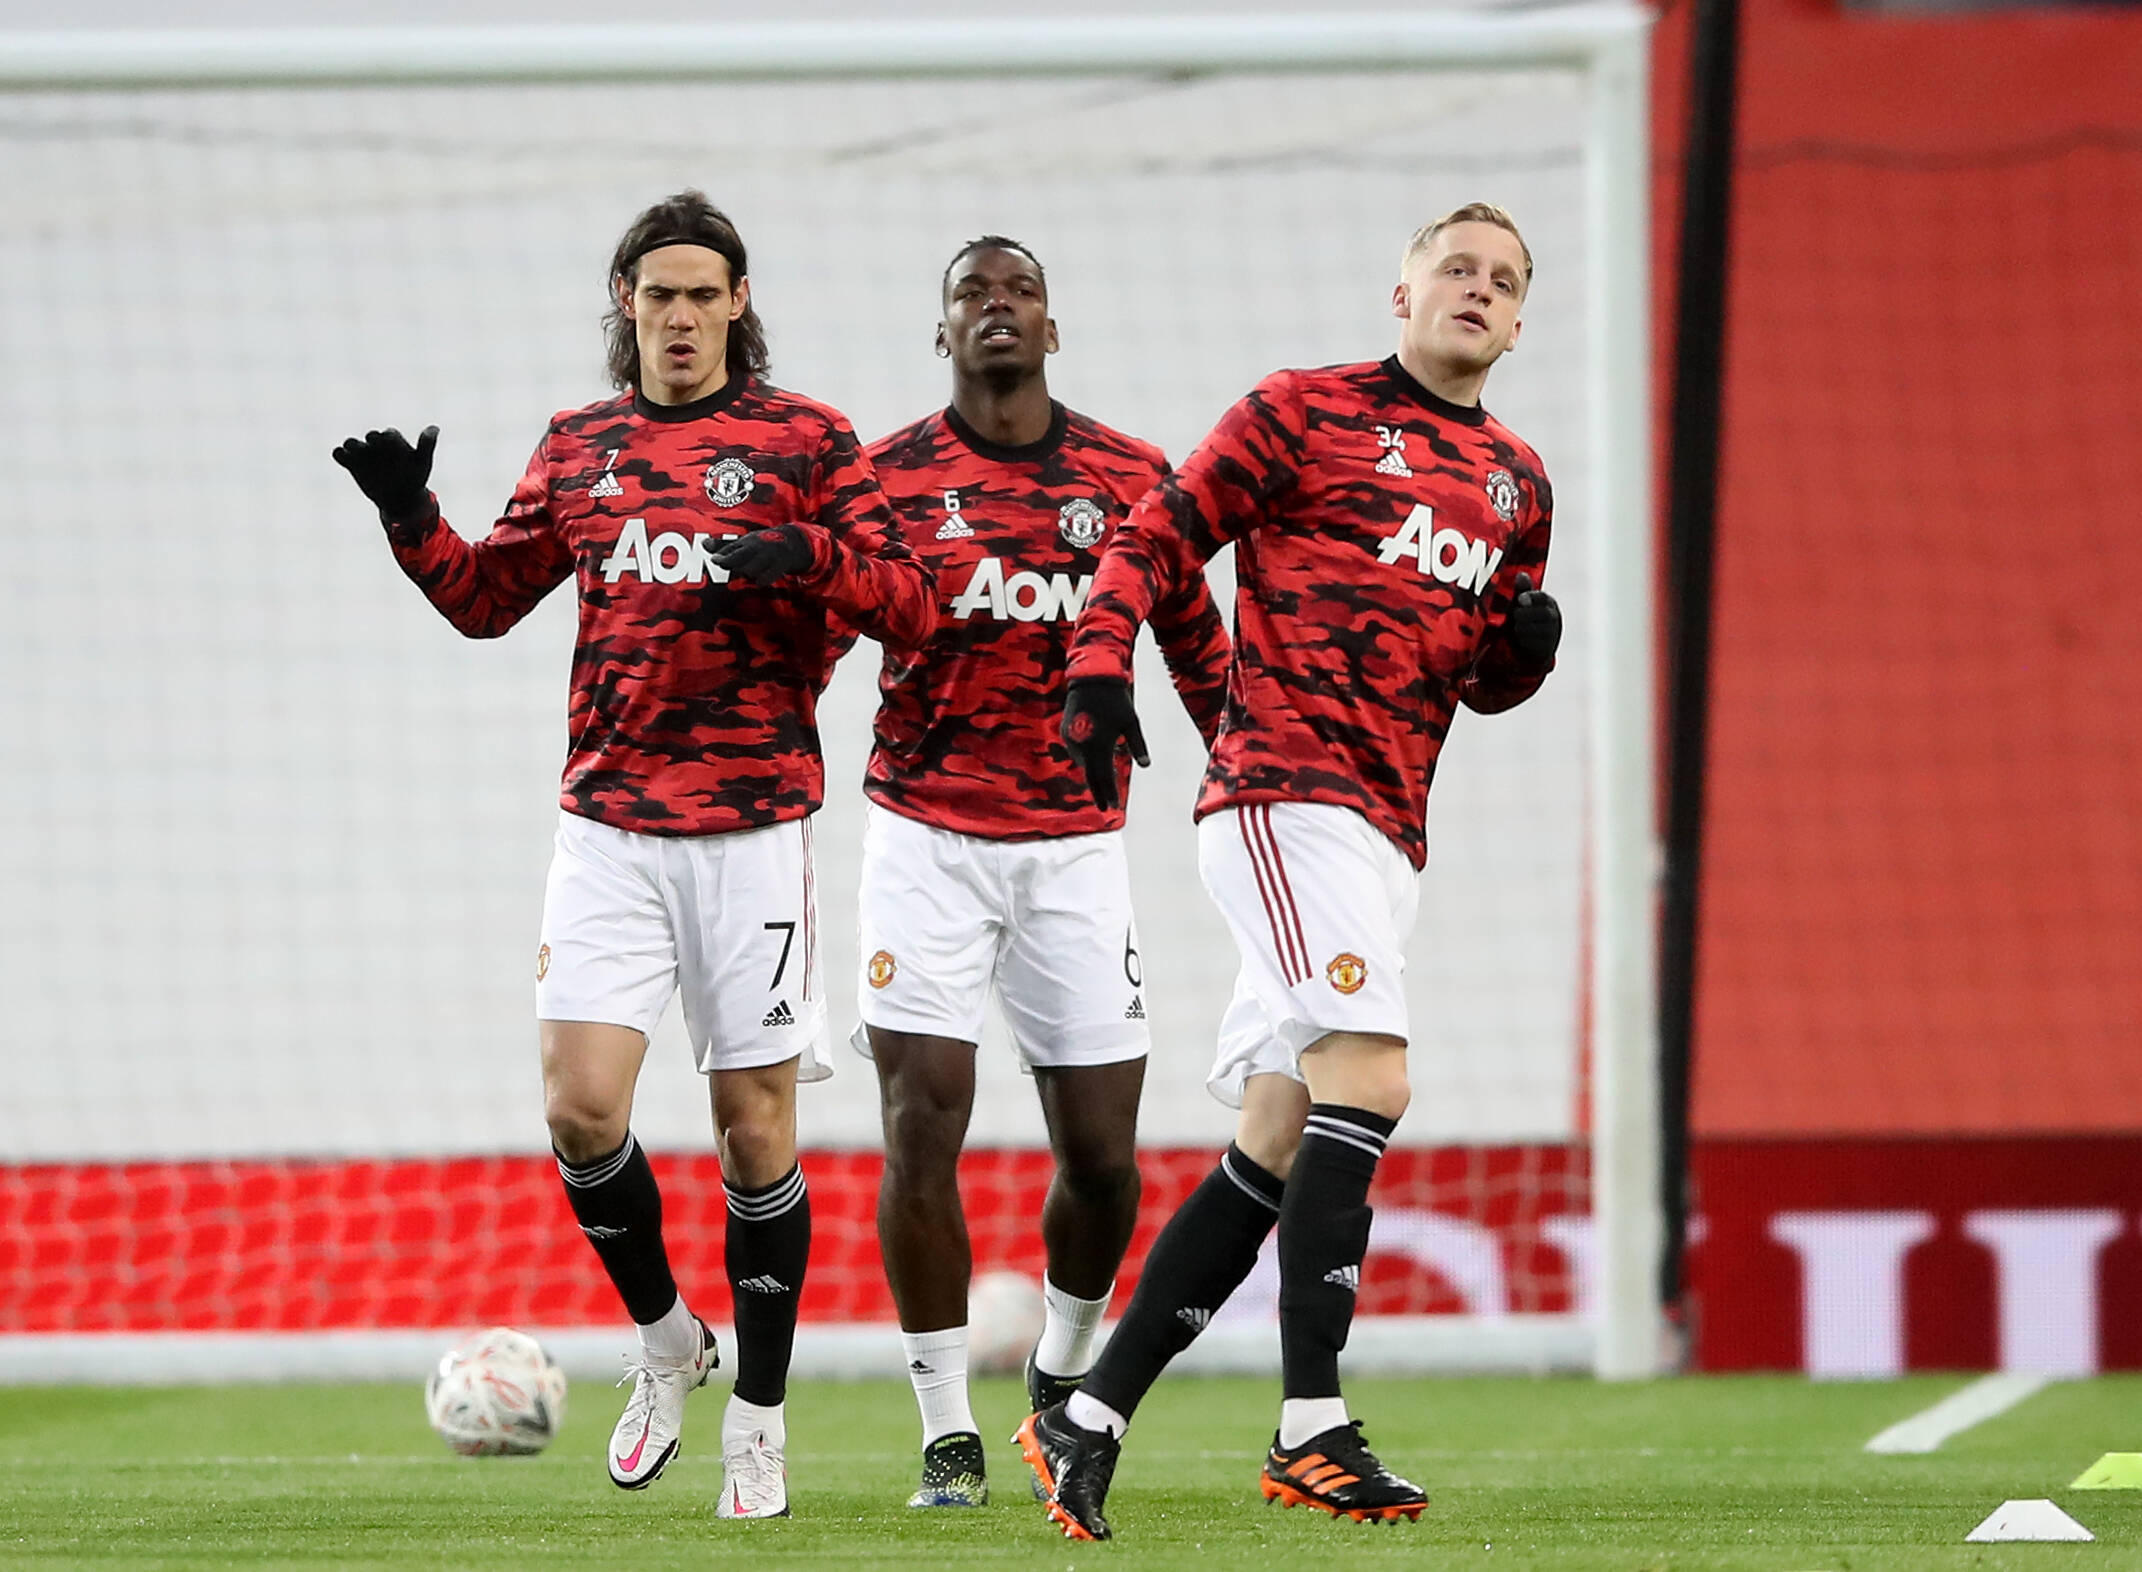 Manchester United accède aux demi-finales de la Ligue Europa avec une victoire totale de 4-0 sur Grenade - League Europa